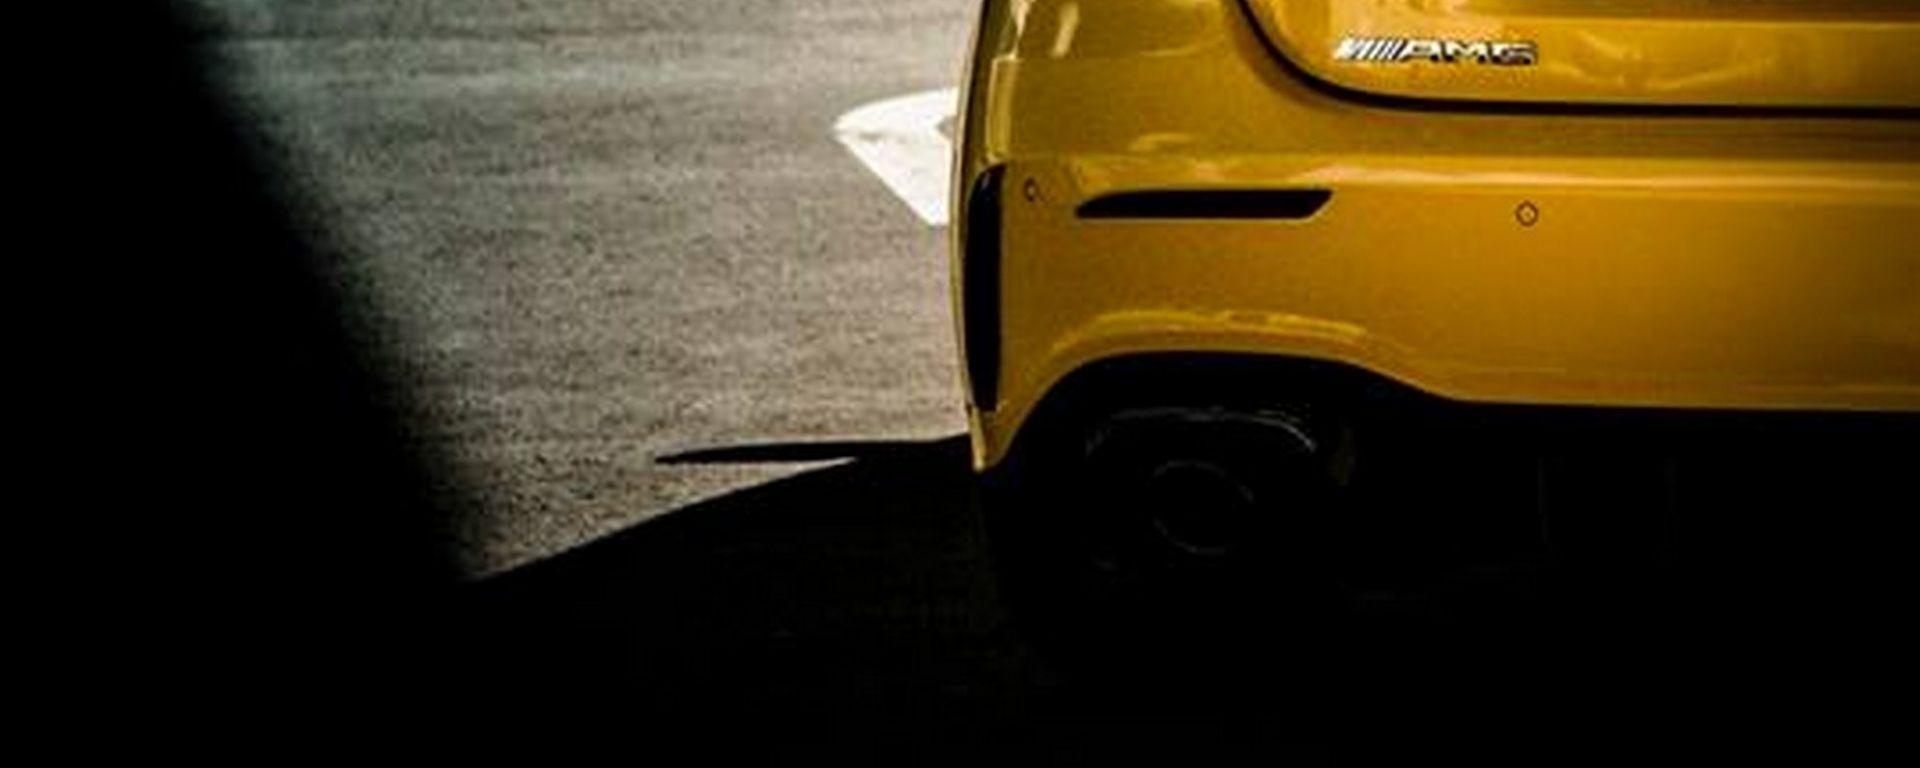 Nuova Mercedes Classe A 35 AMG, il teaser del posteriore